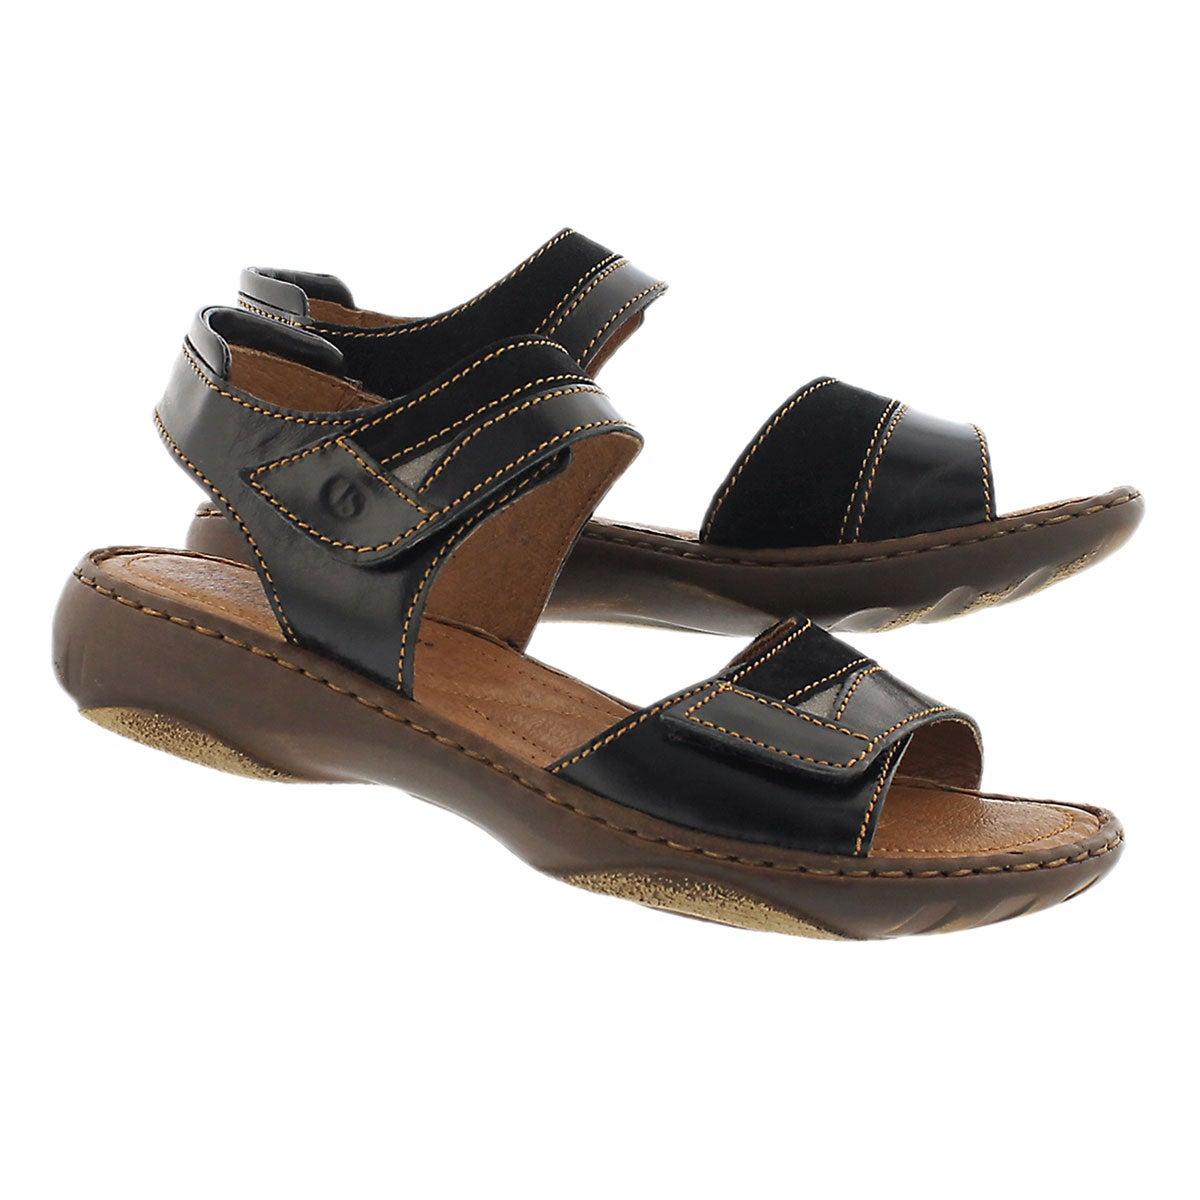 Josef Seibel Women S Shoes Ebay